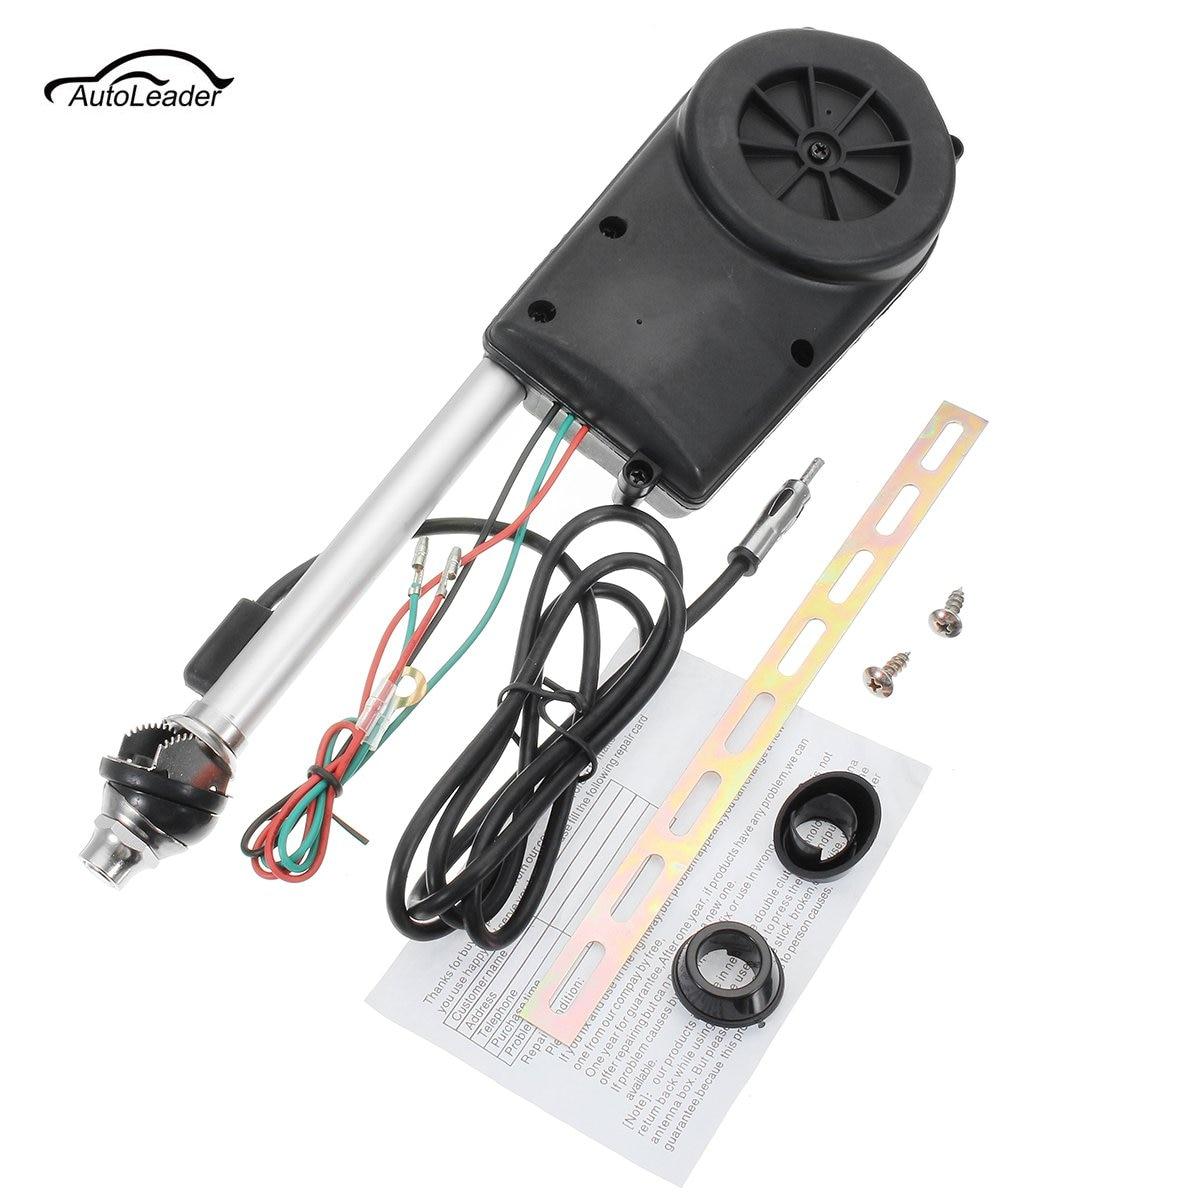 Carro-estilo 12 v fm/am universal automático antena retrátil antena do carro rádio elétrico carro